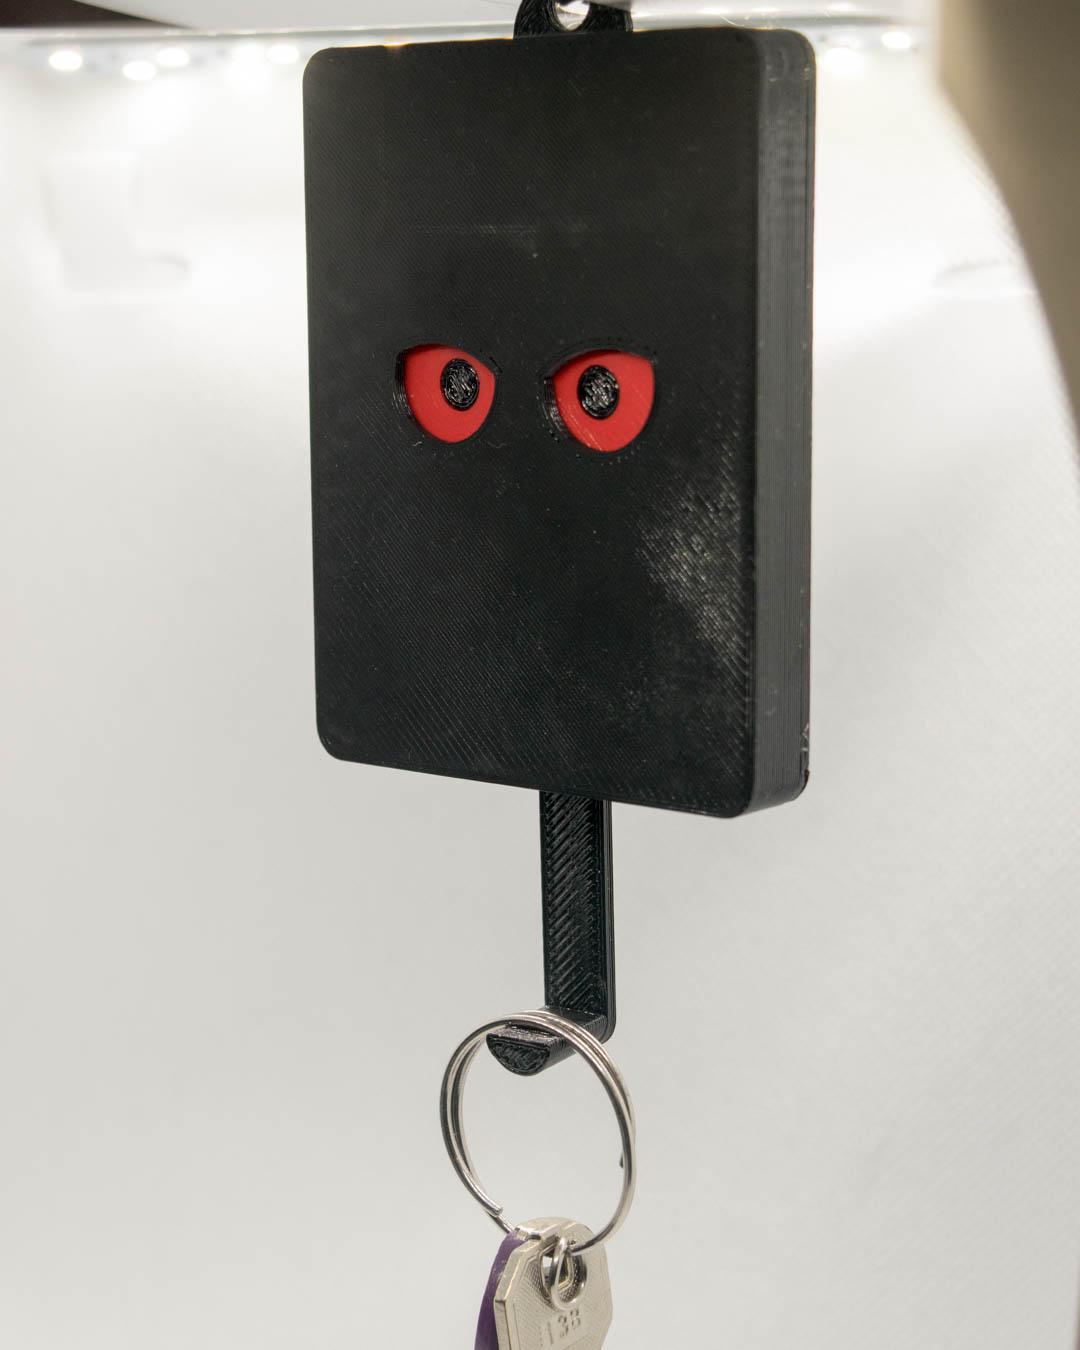 Schlüsselbrett, Keyguard, rote Eulenaugen